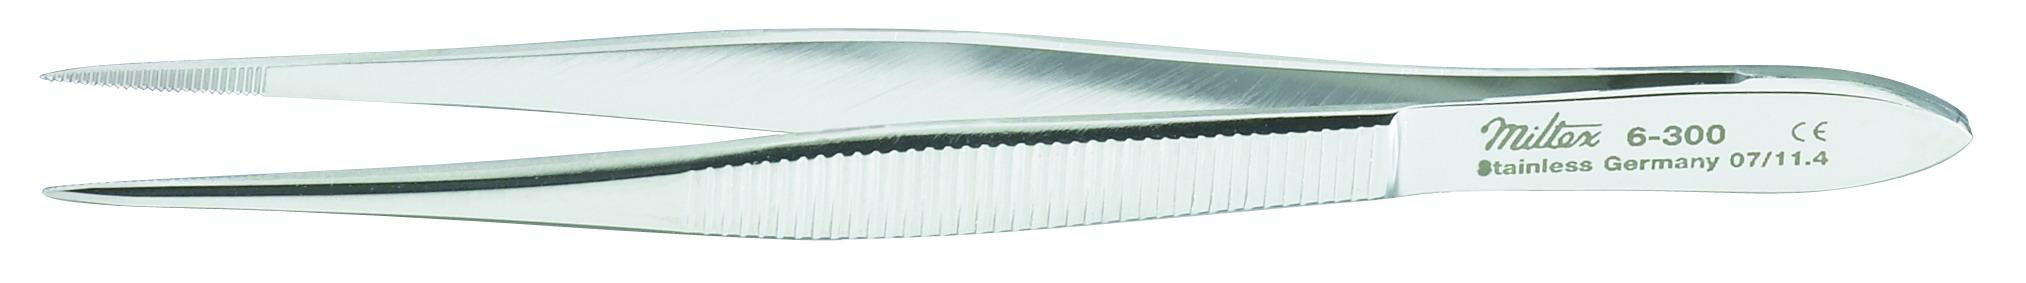 plain-splinter-forceps-3-1-2-89-cm-6-300-miltex.jpg